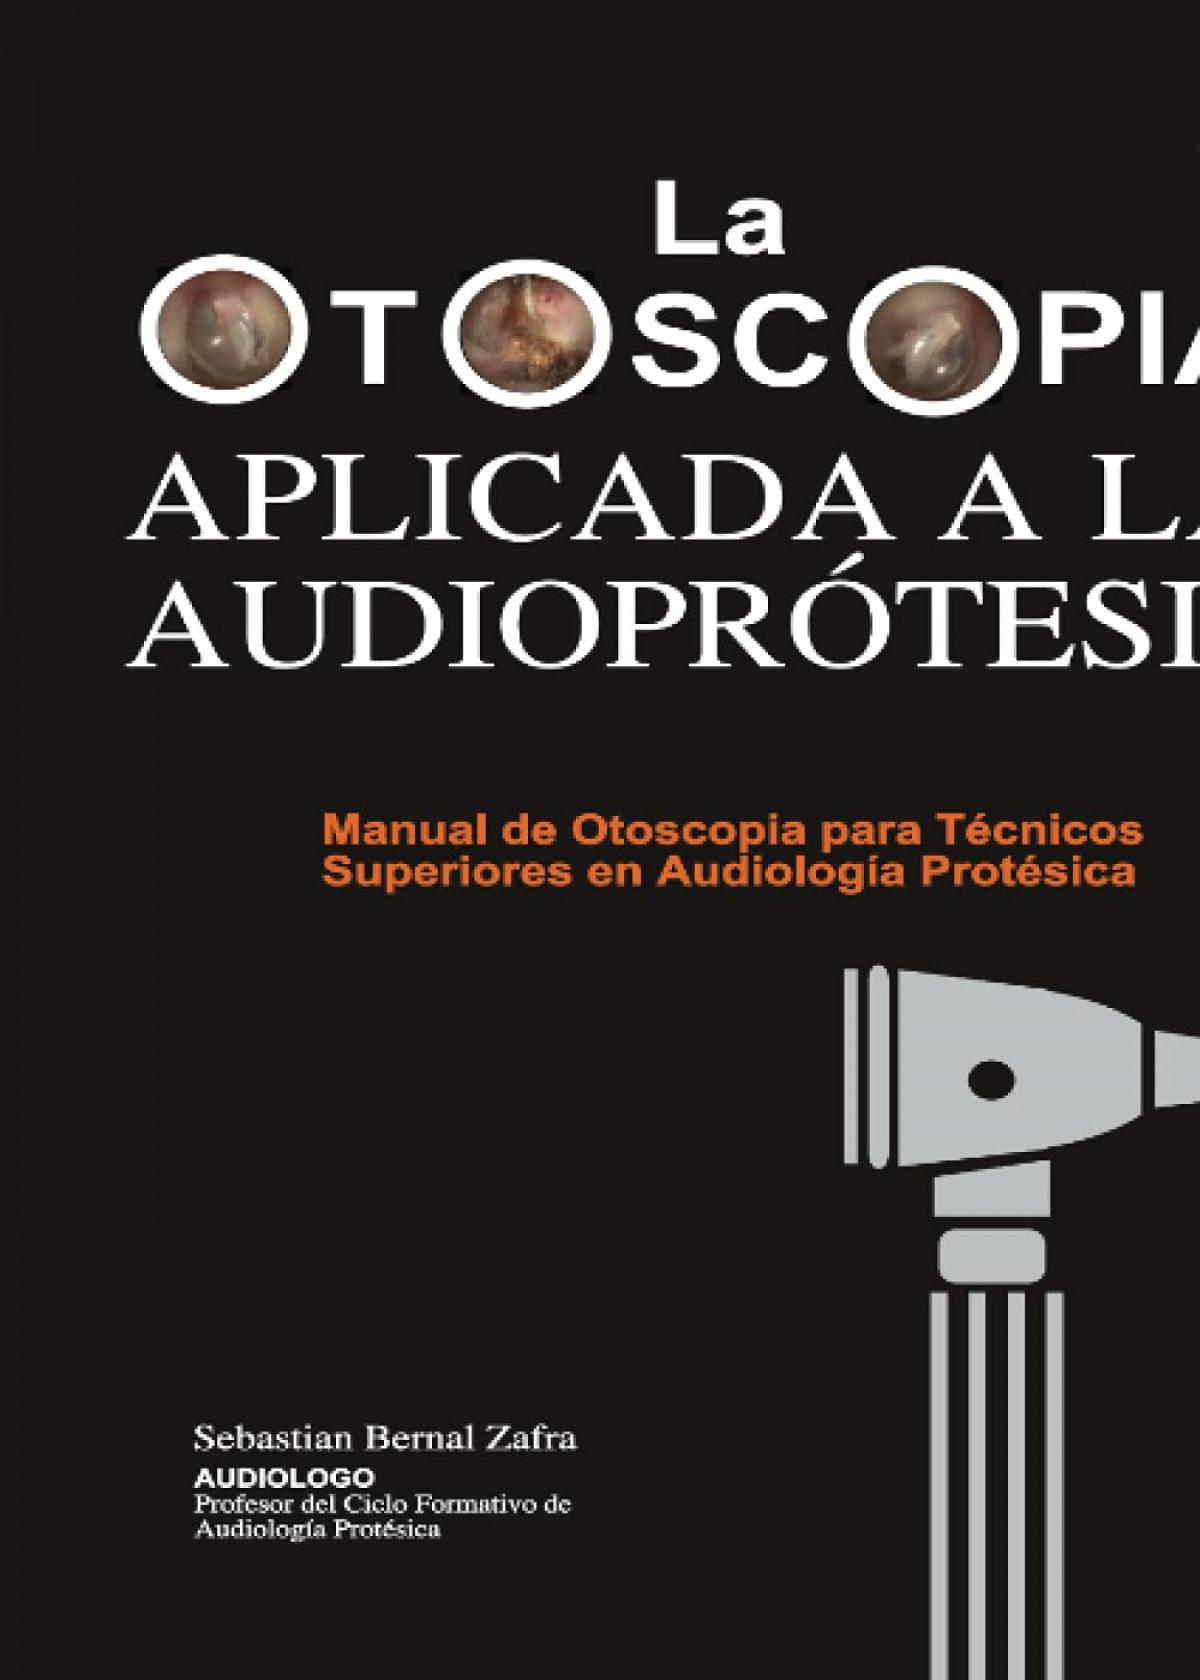 La Otoscopia aplicada a la audioprotesis